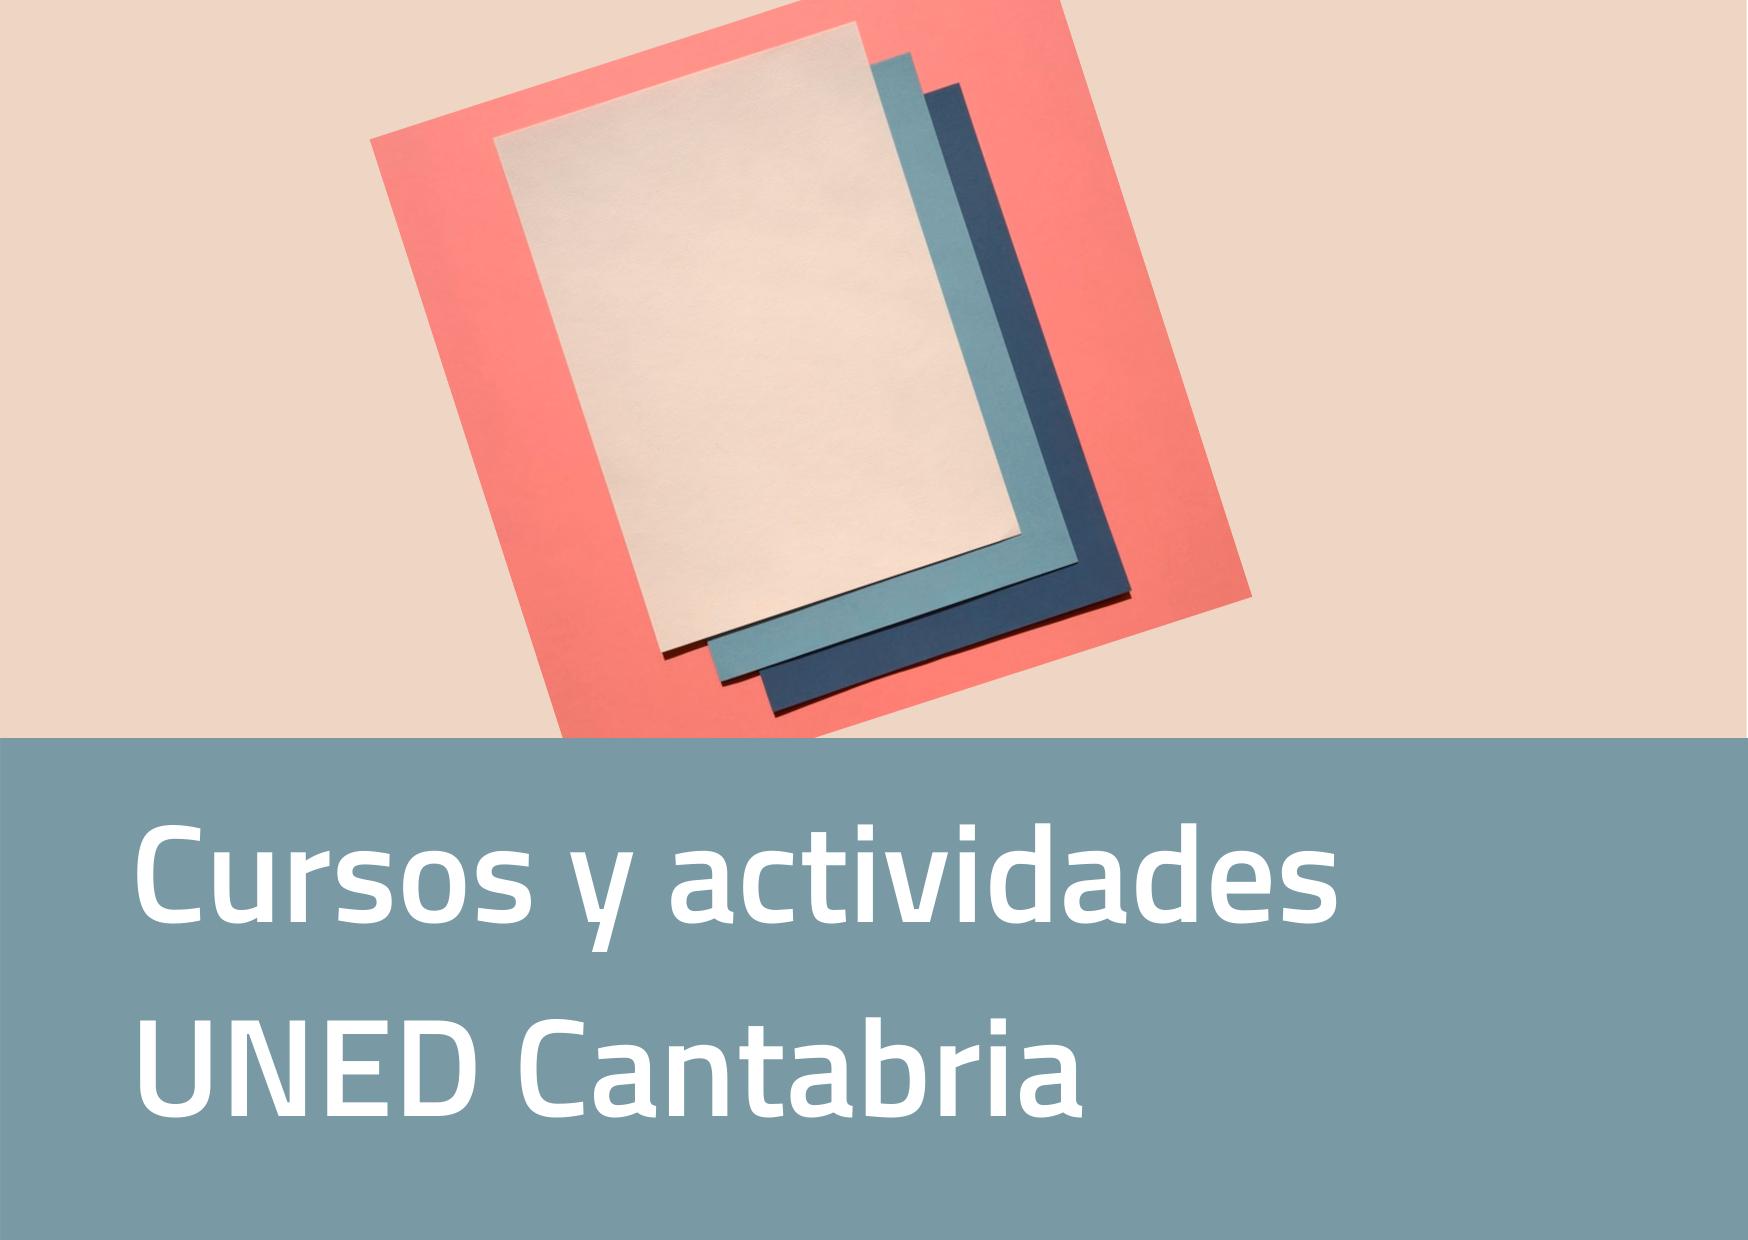 cursos y actividades de uned cantabria